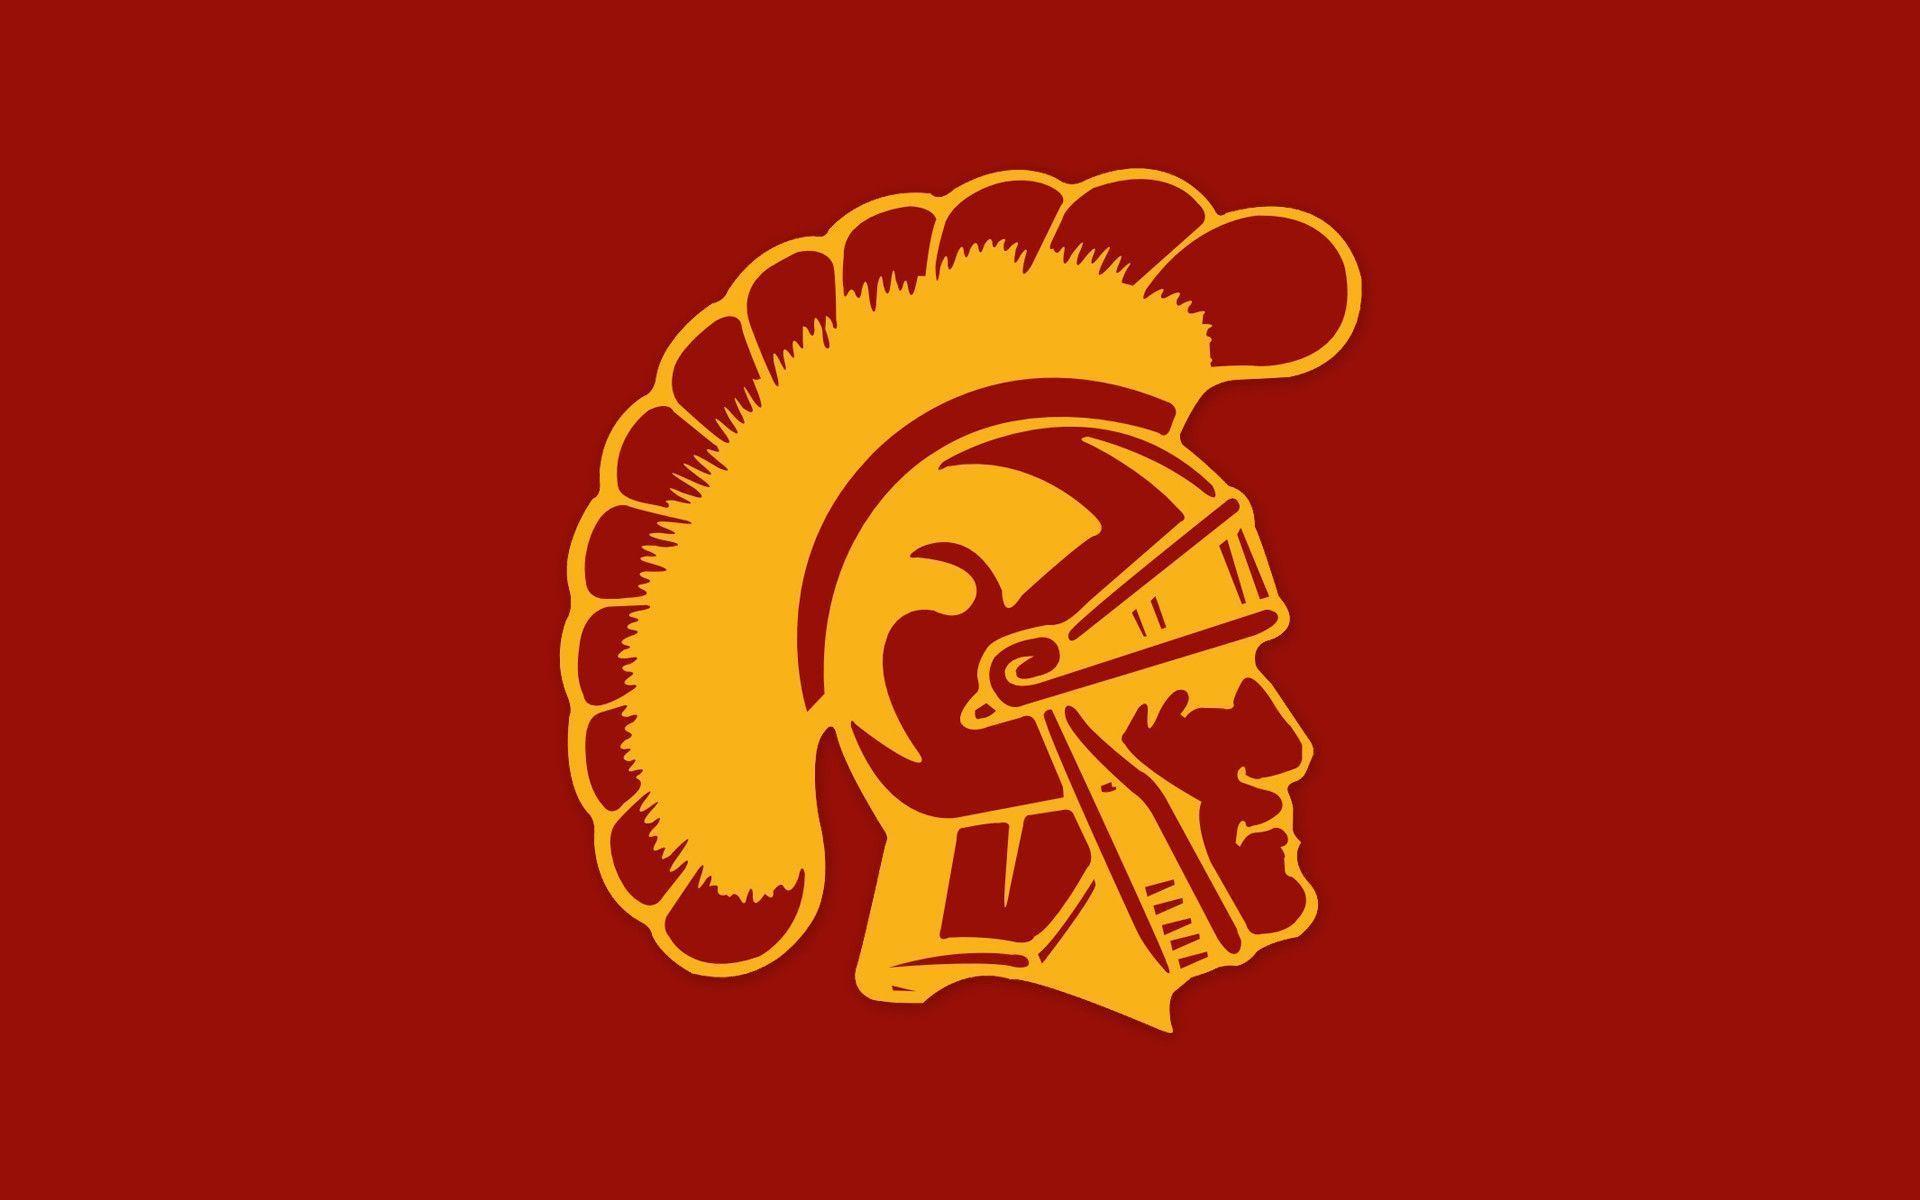 USC Trojans Wallpapers - Wallpaper Cave